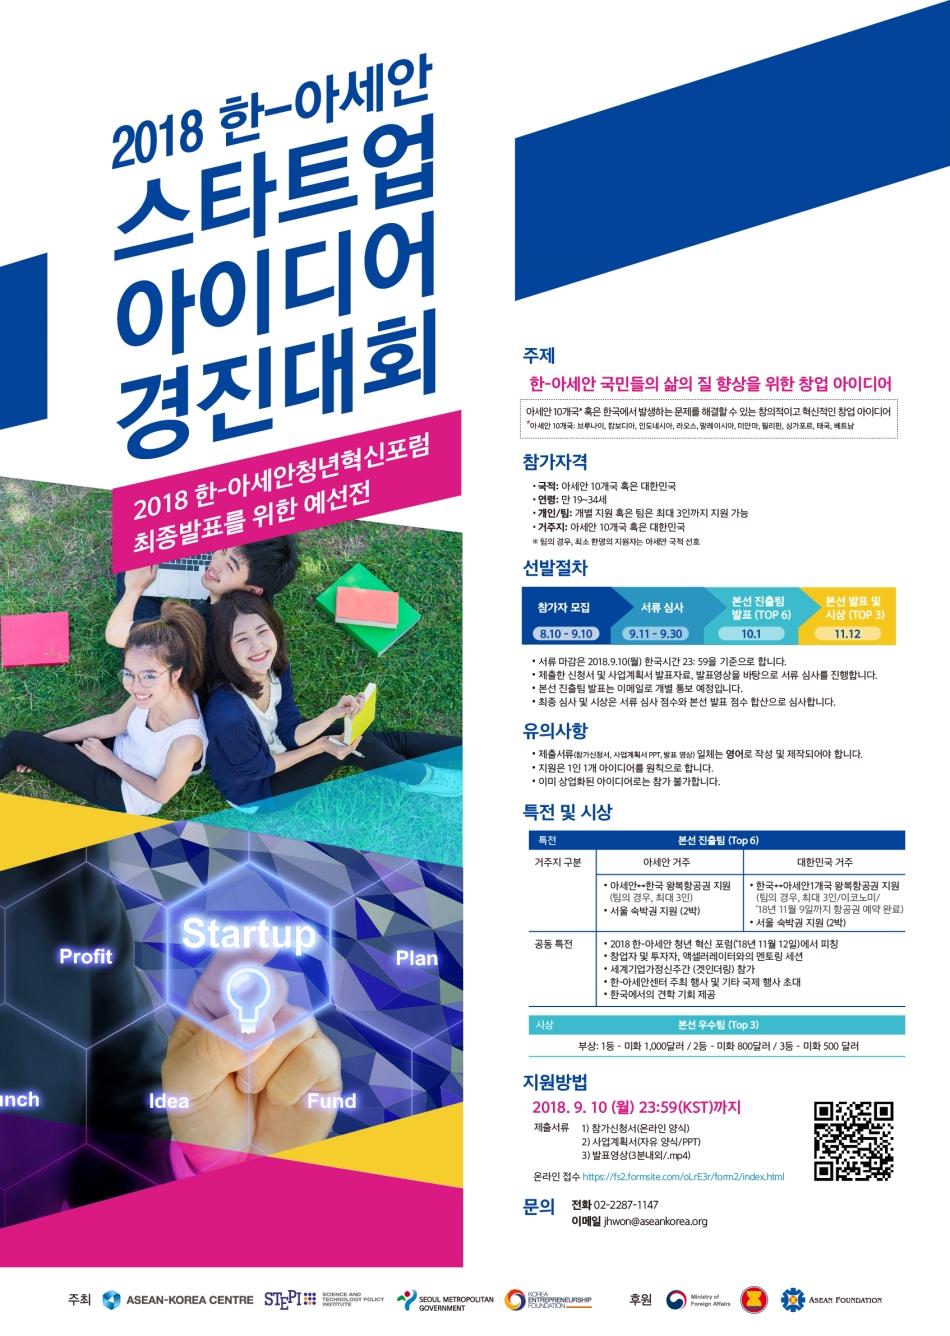 한-아세안 스타트업 아이디어 경진대회